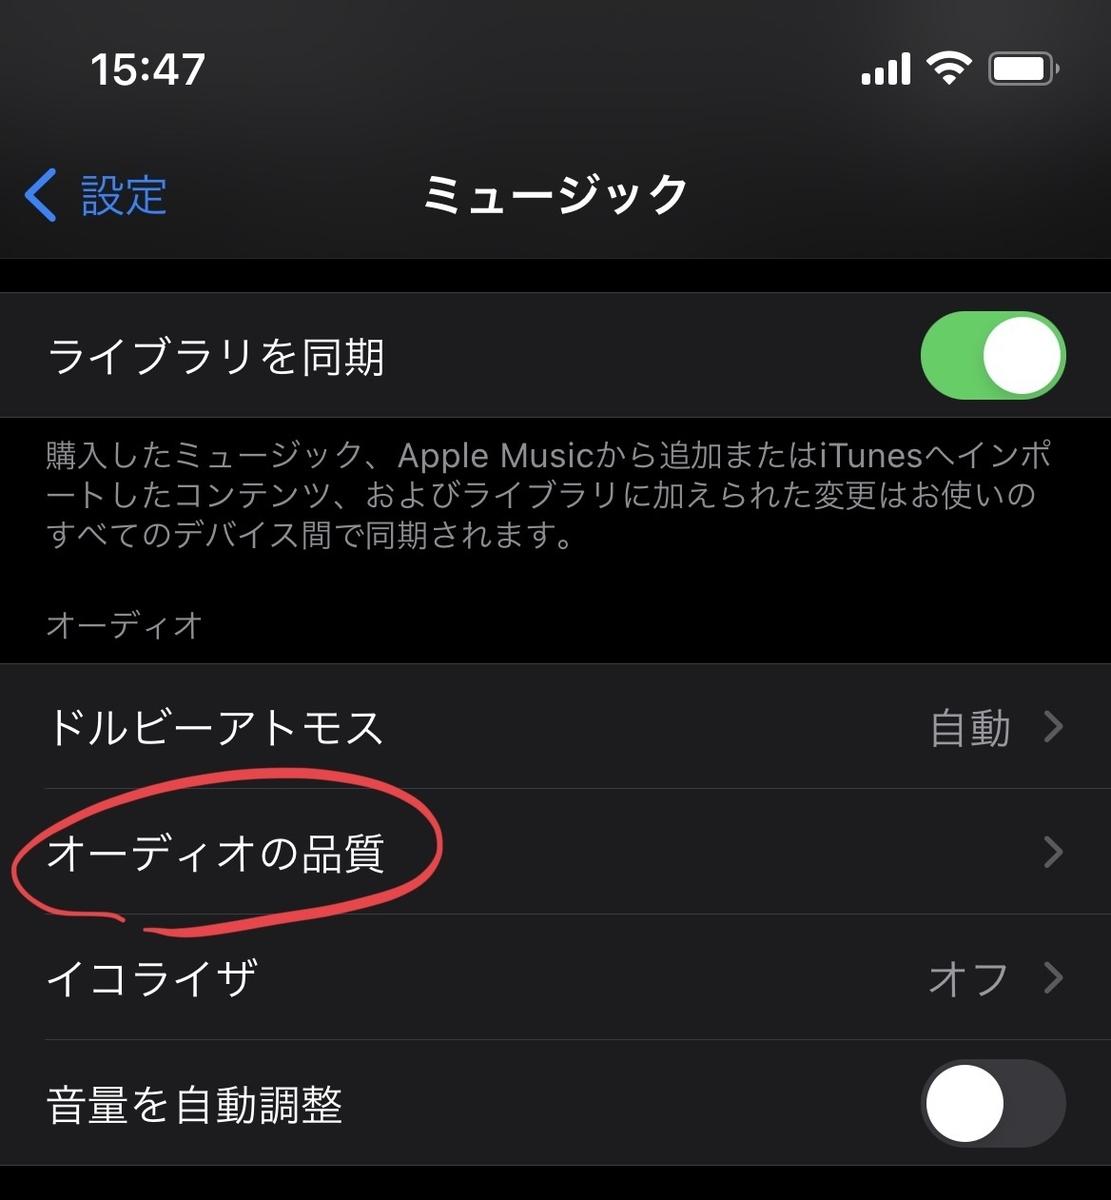 f:id:shigeohonda:20210620143621j:plain